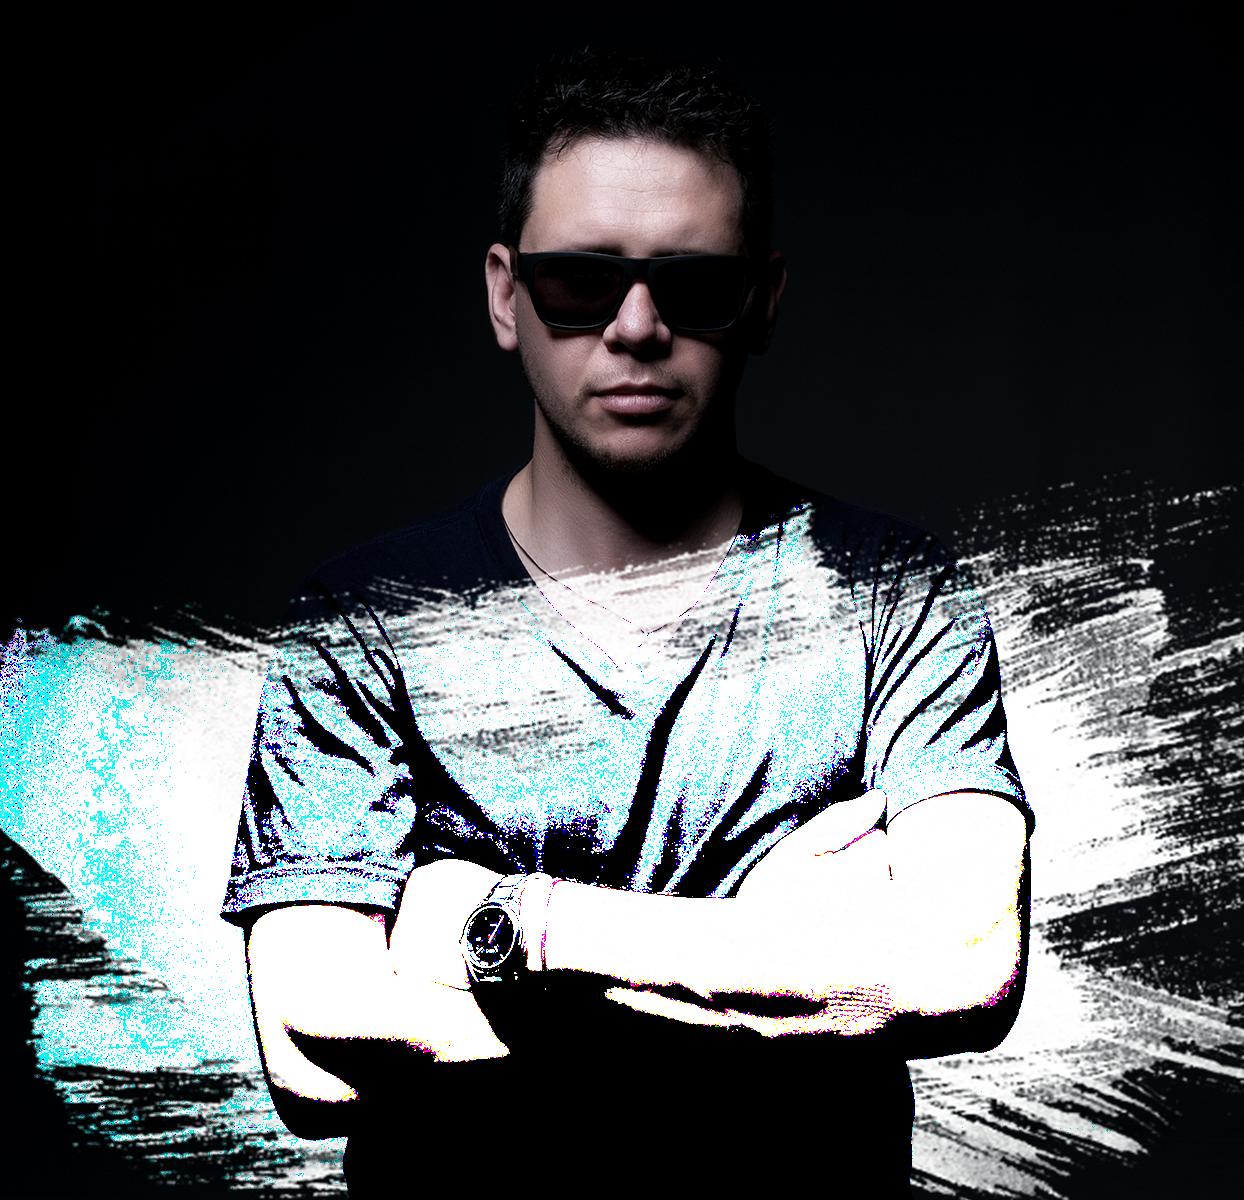 BEN DJ HIISAK СКАЧАТЬ БЕСПЛАТНО